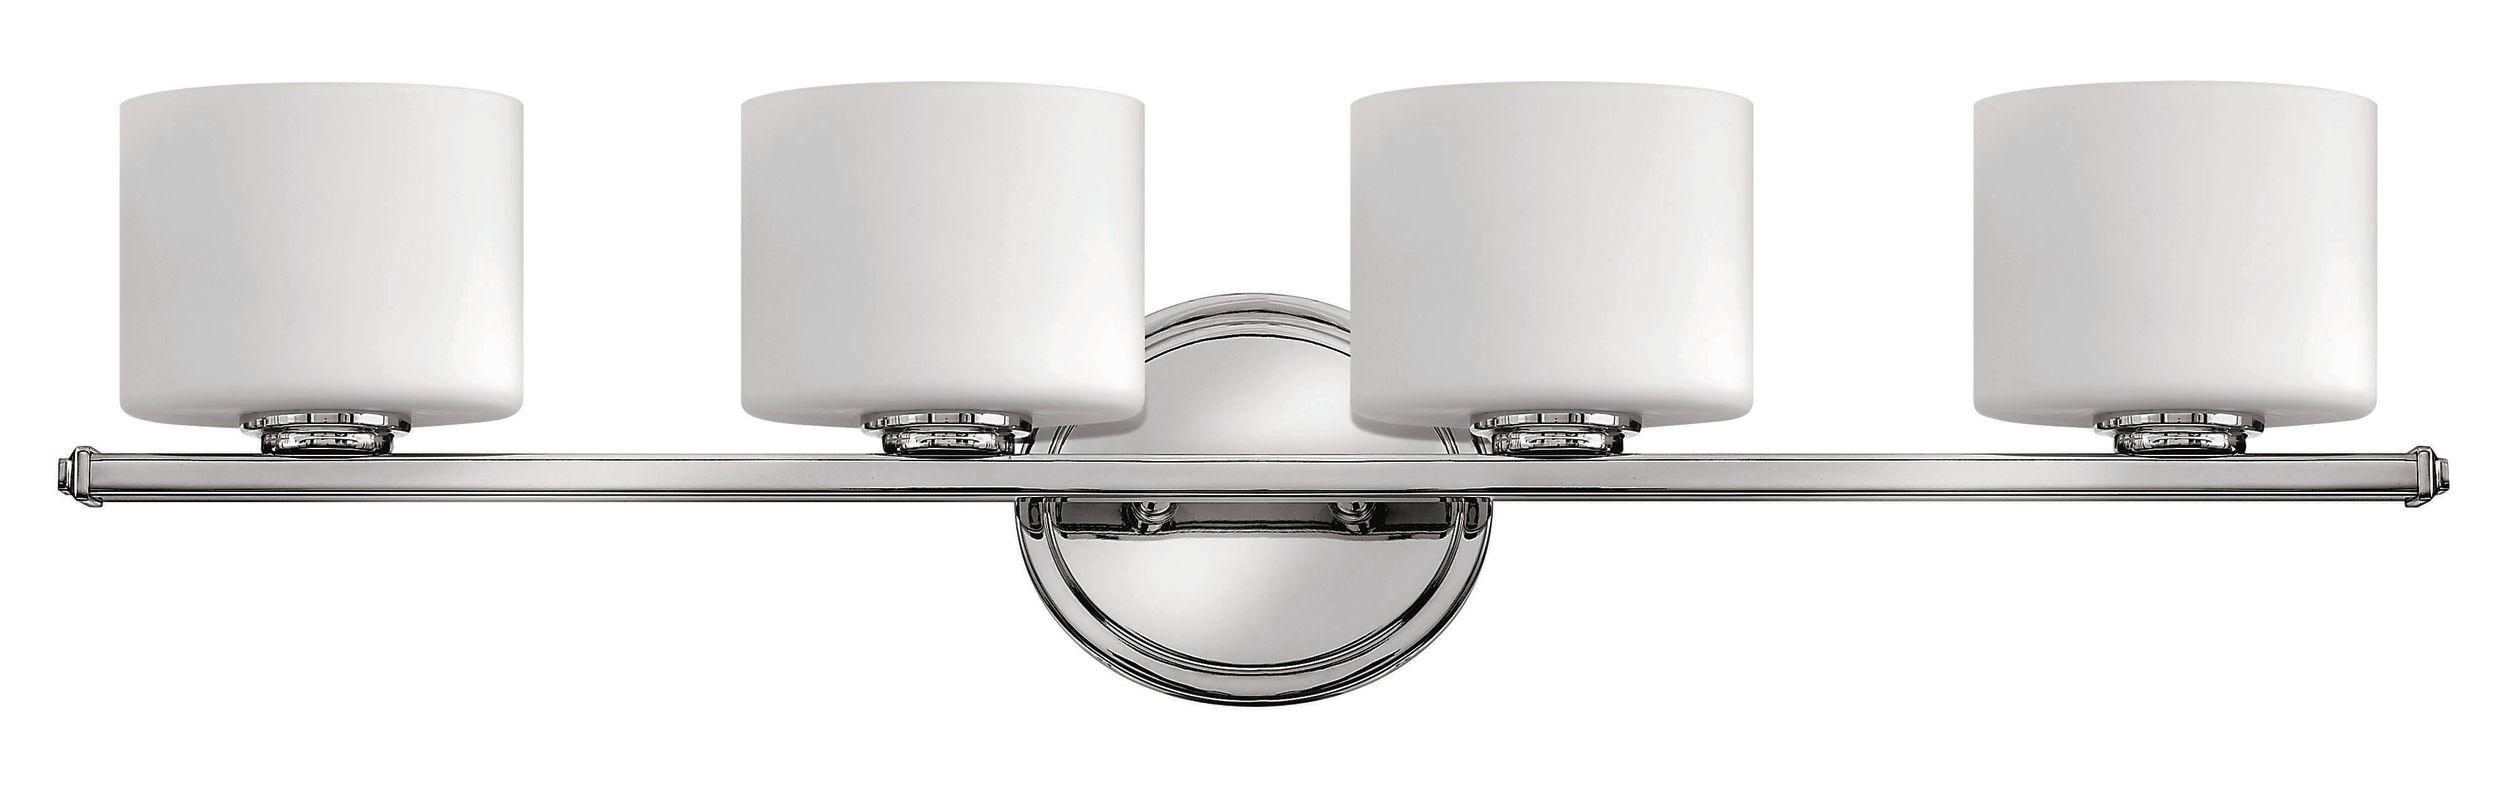 Hinkley Lighting 5424CM Chrome Contemporary Ocho Bathroom Light